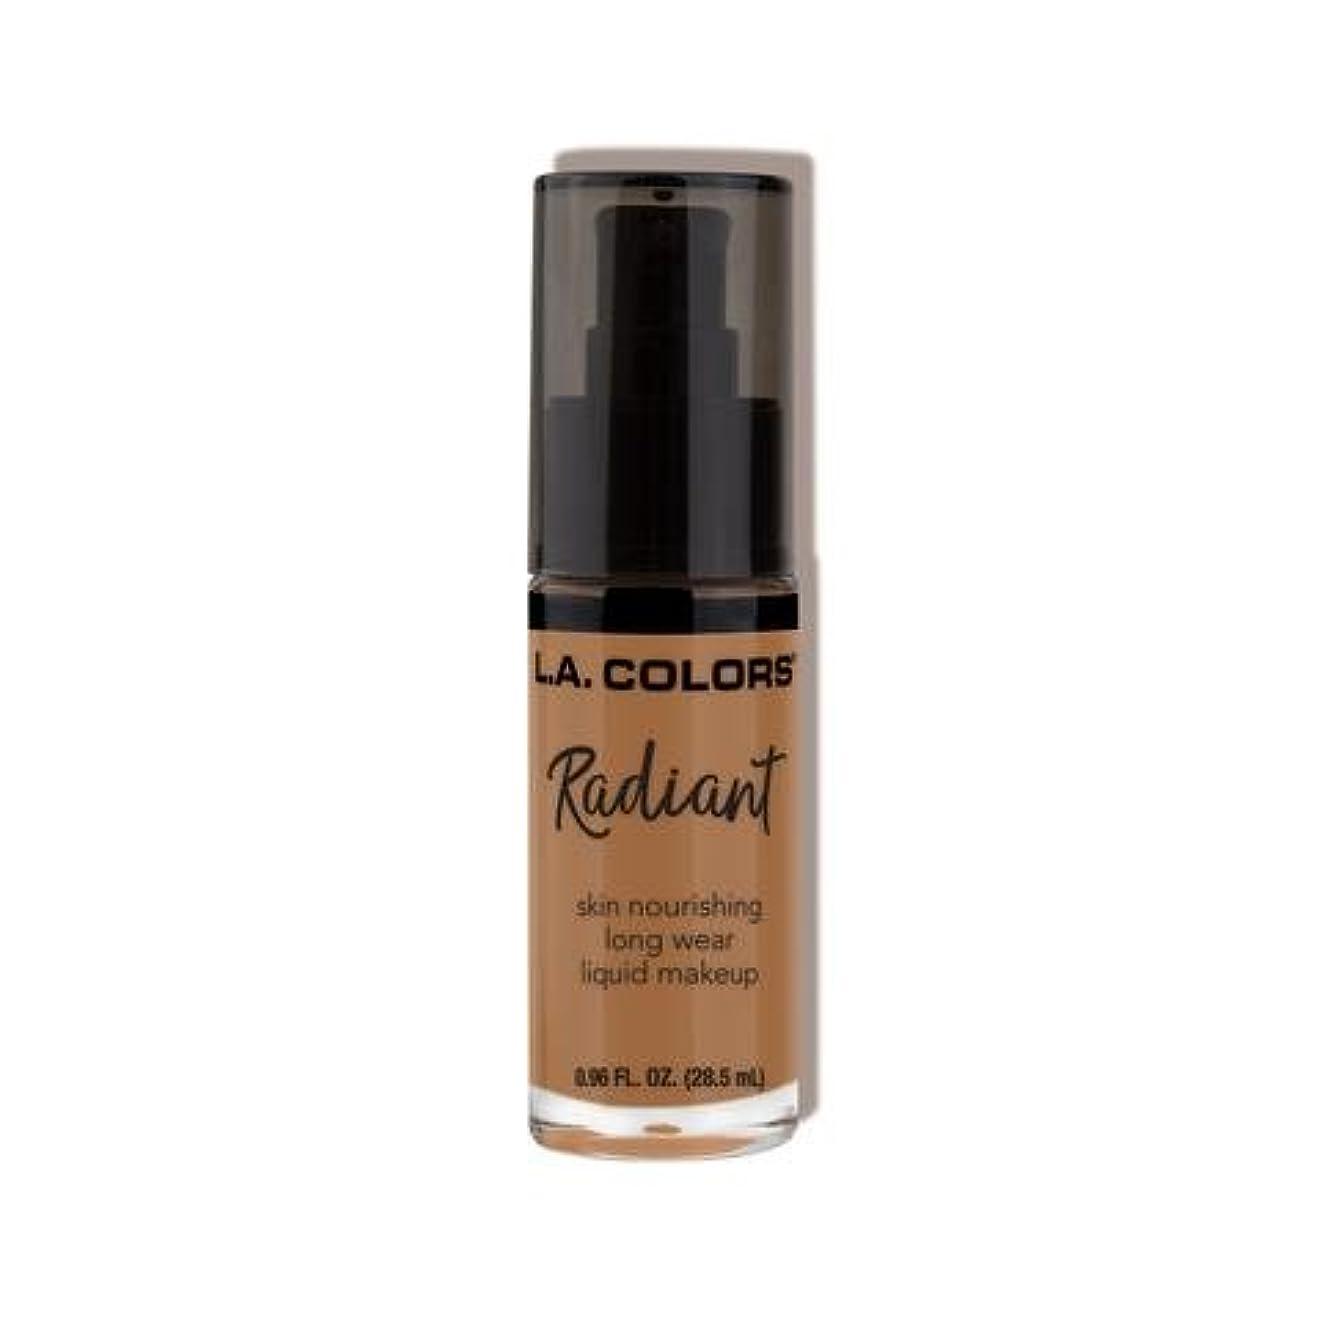 先入観地獄引退する(3 Pack) L.A. COLORS Radiant Liquid Makeup - Chestnut (並行輸入品)